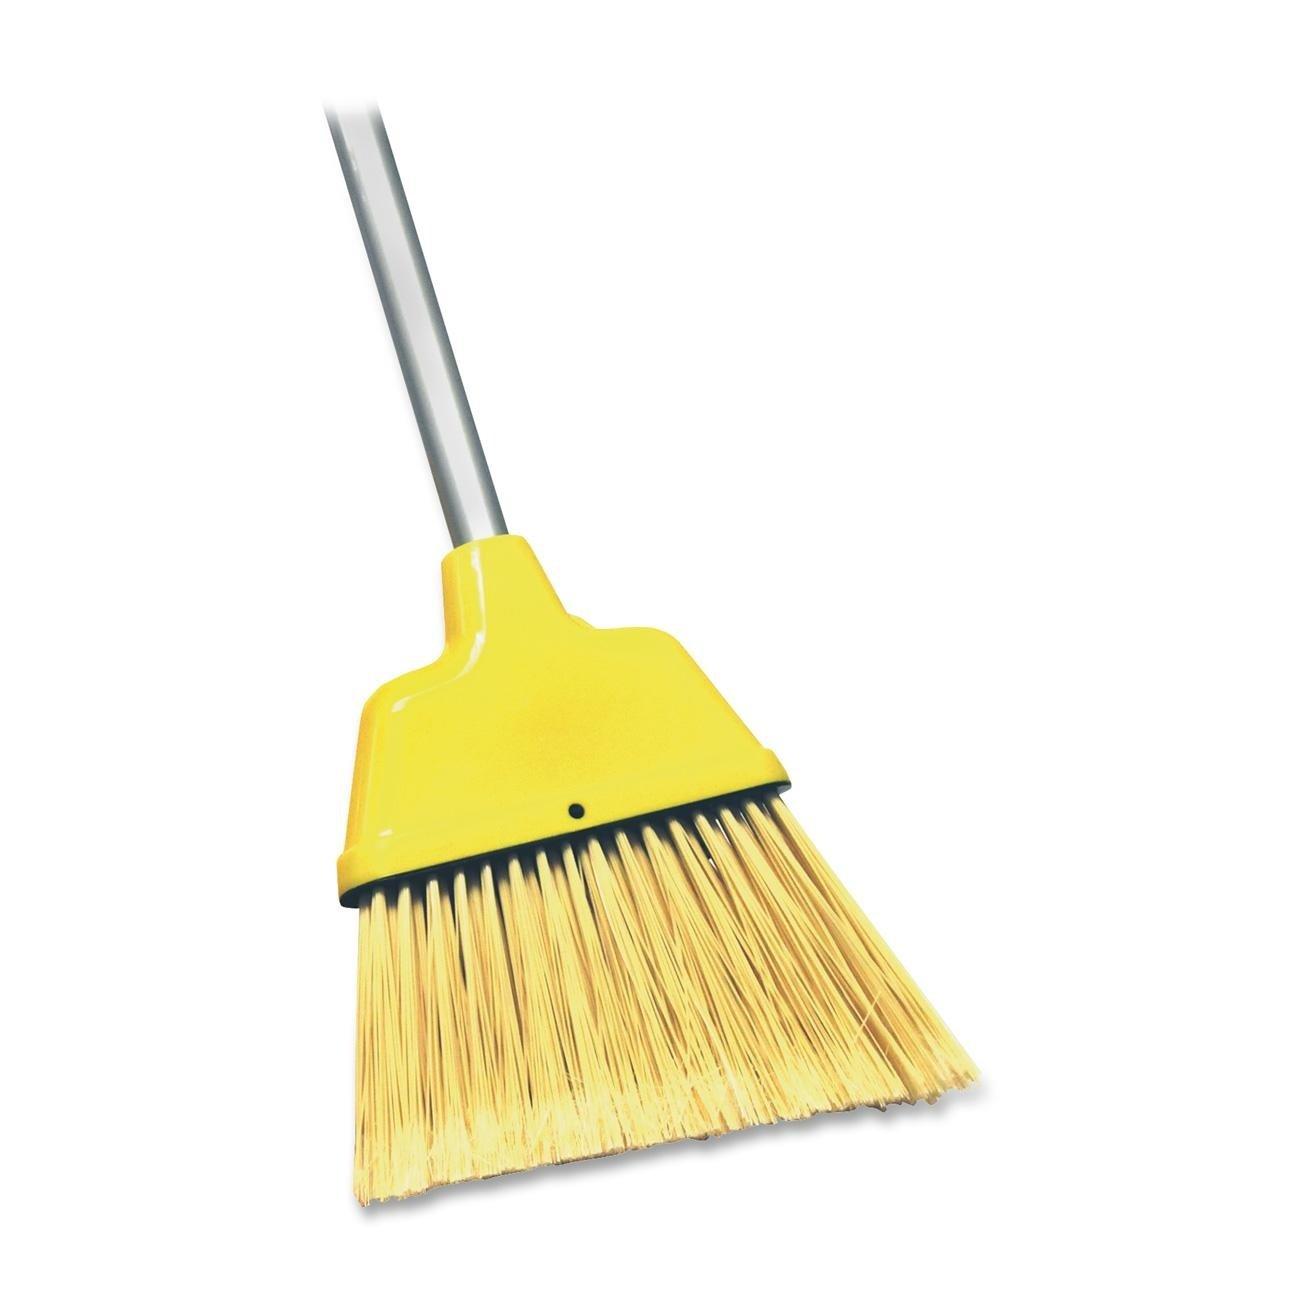 Genuine Joe GJO09570 Lightweight Manual Angle Broom, 12-1/2'' Bristles by Genuine Joe